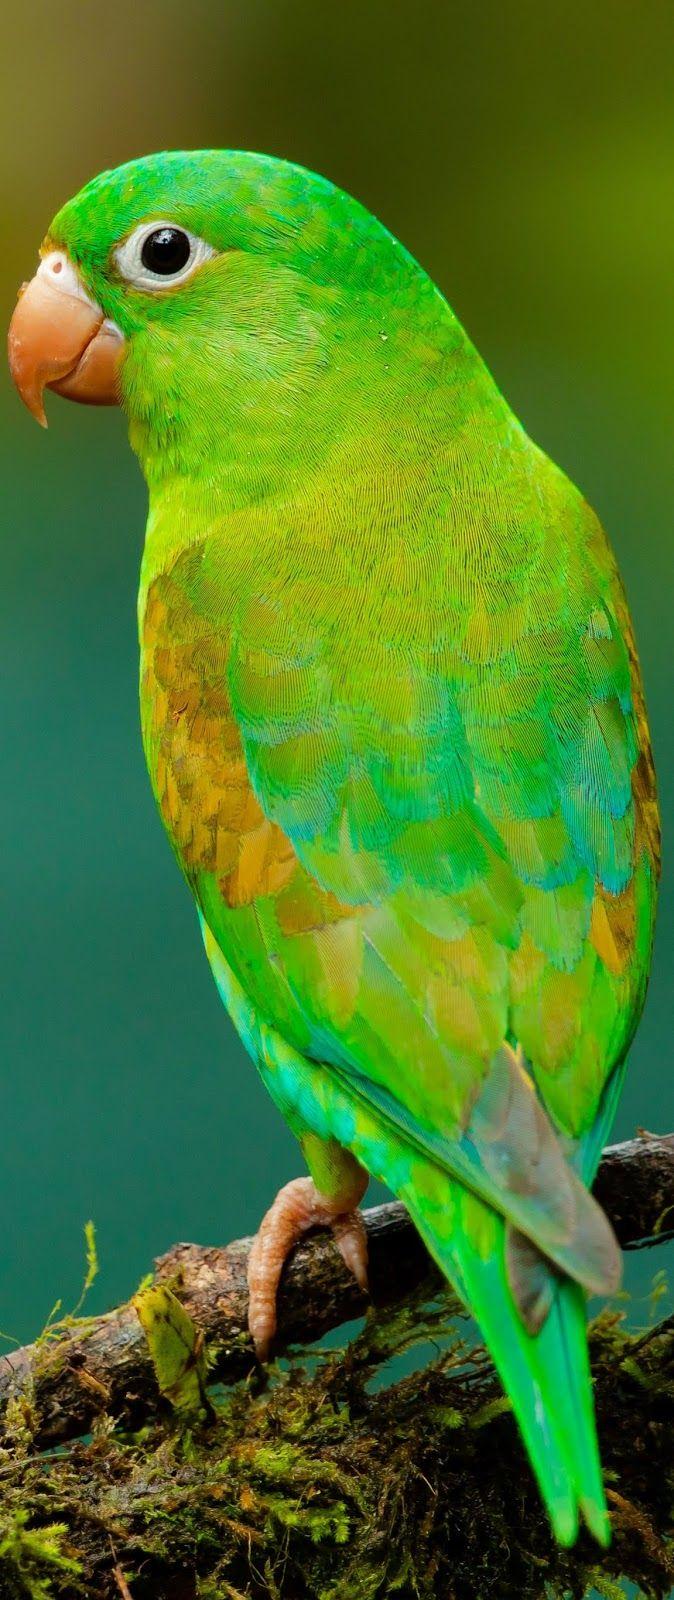 About Wild Animals Beautiful Green Parrot Green Parrot Bird Parrot Pet Parrot